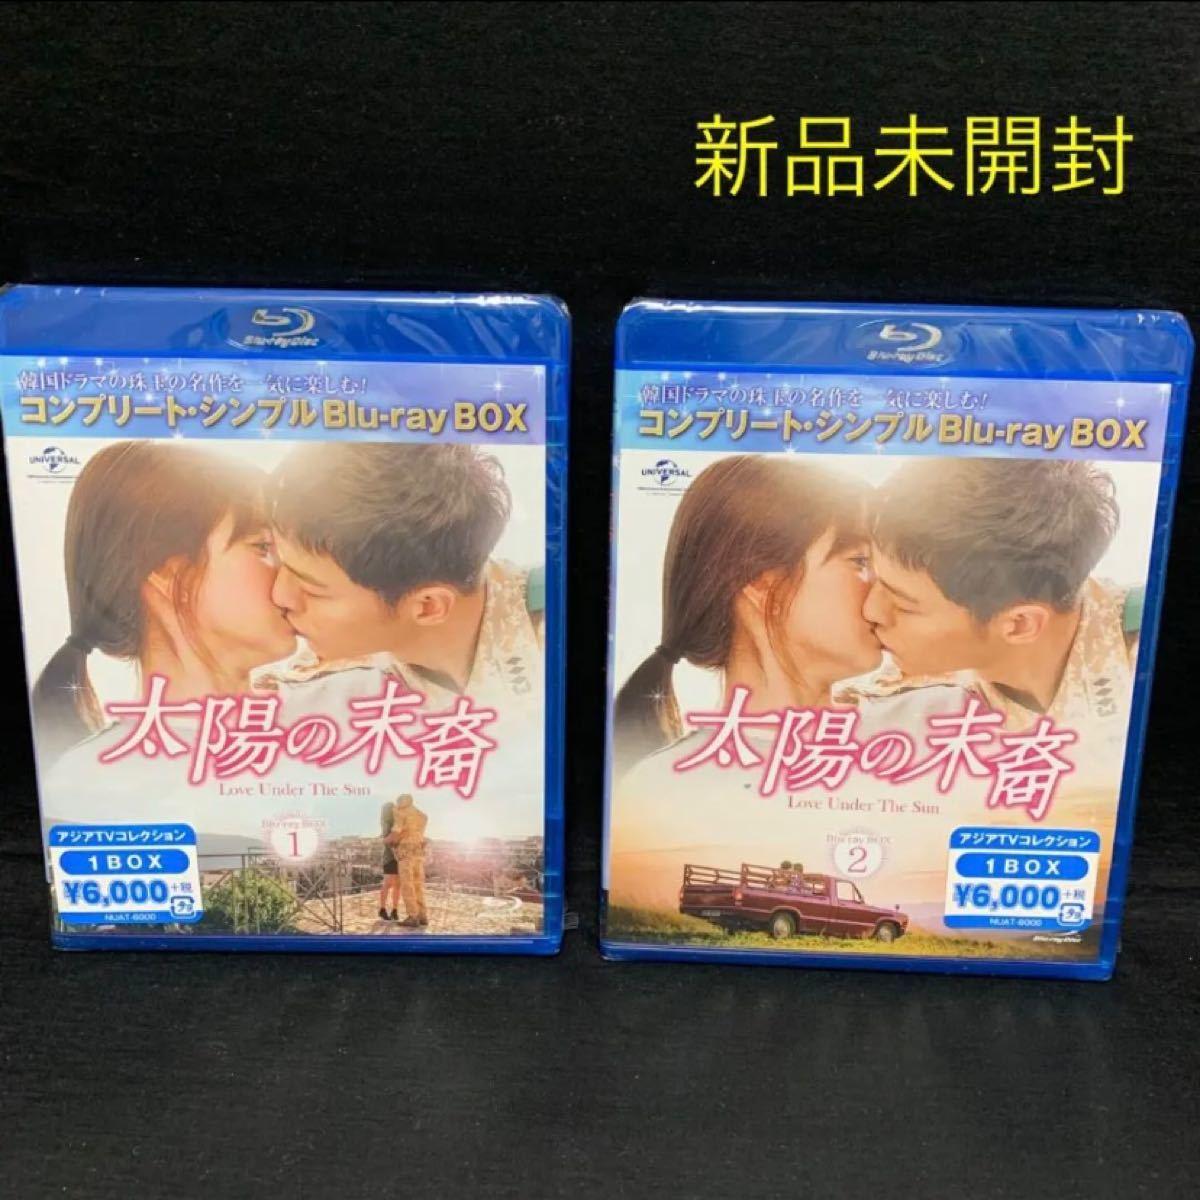 新品未開封!太陽の末裔 Love Under The Sun Blu-ray BOX1&2 全巻セット ブルーレイボックス 全巻